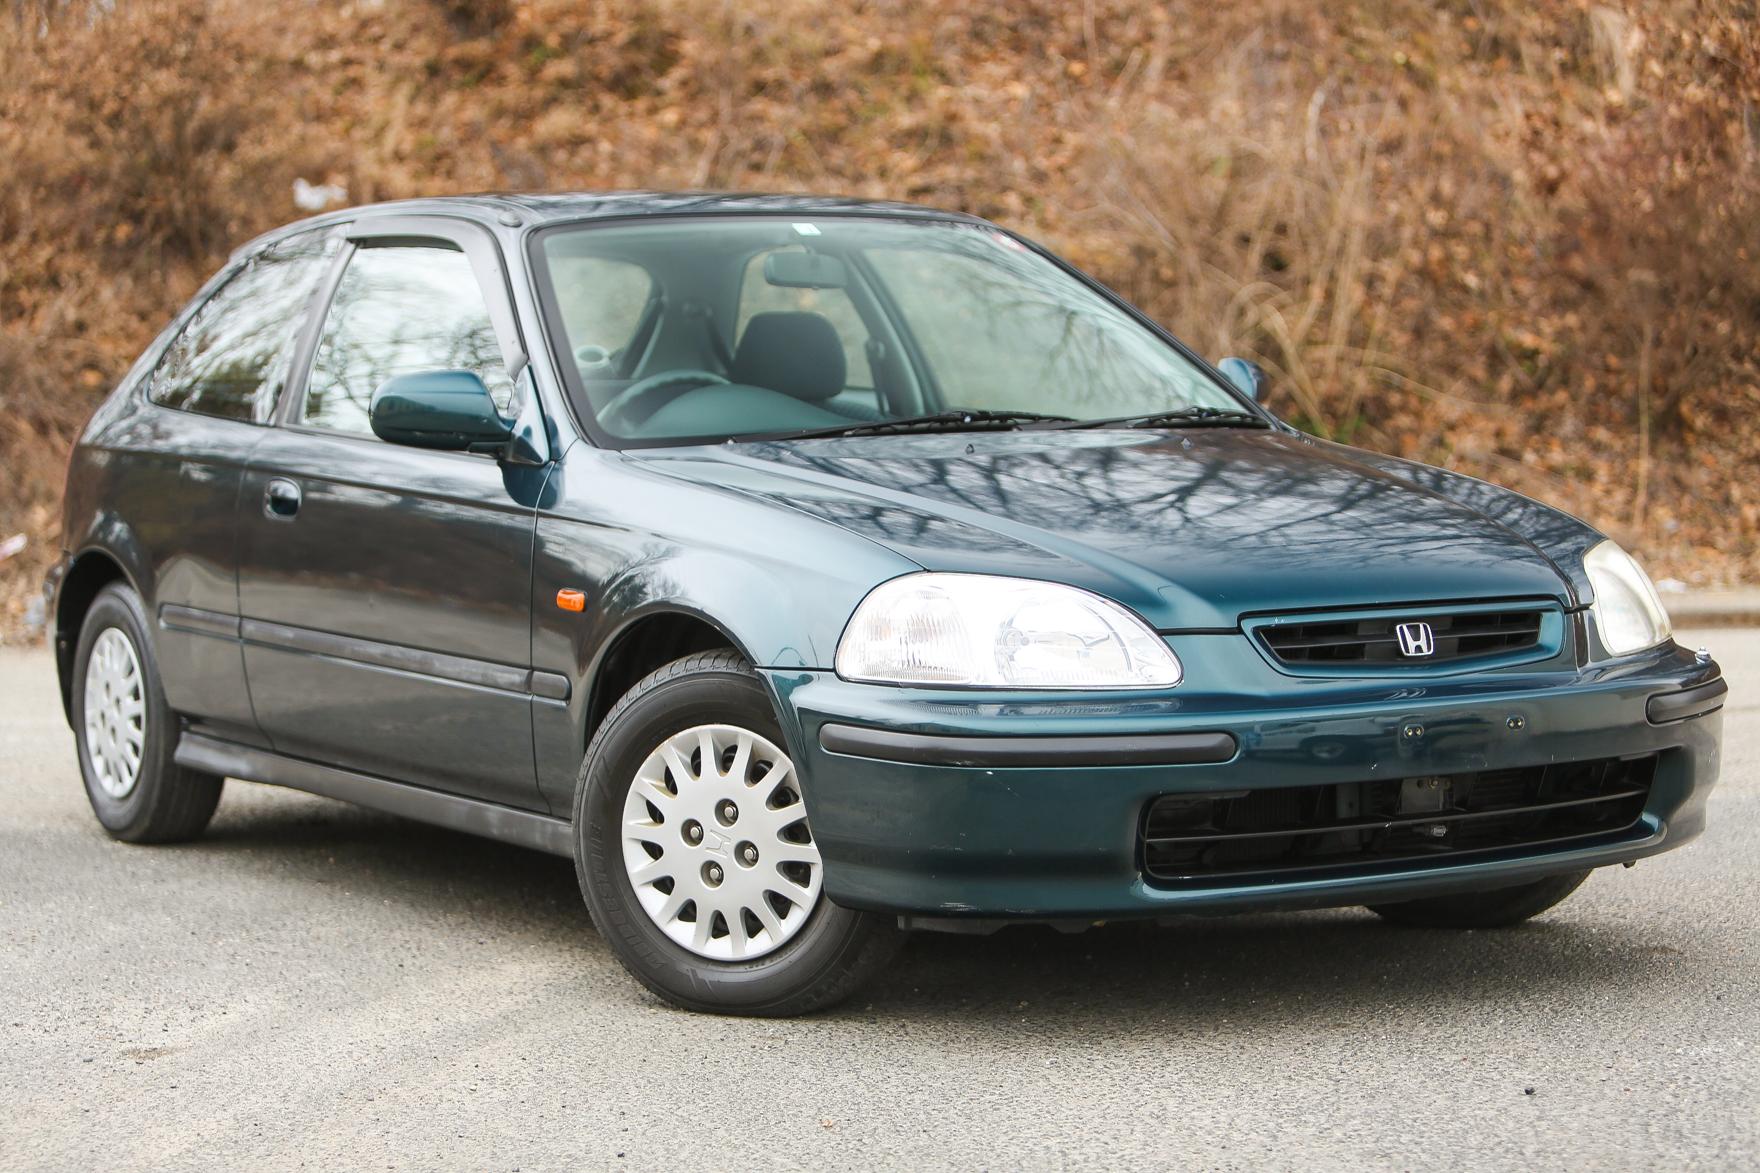 1996 Honda Civic EK Hatch - $12,750